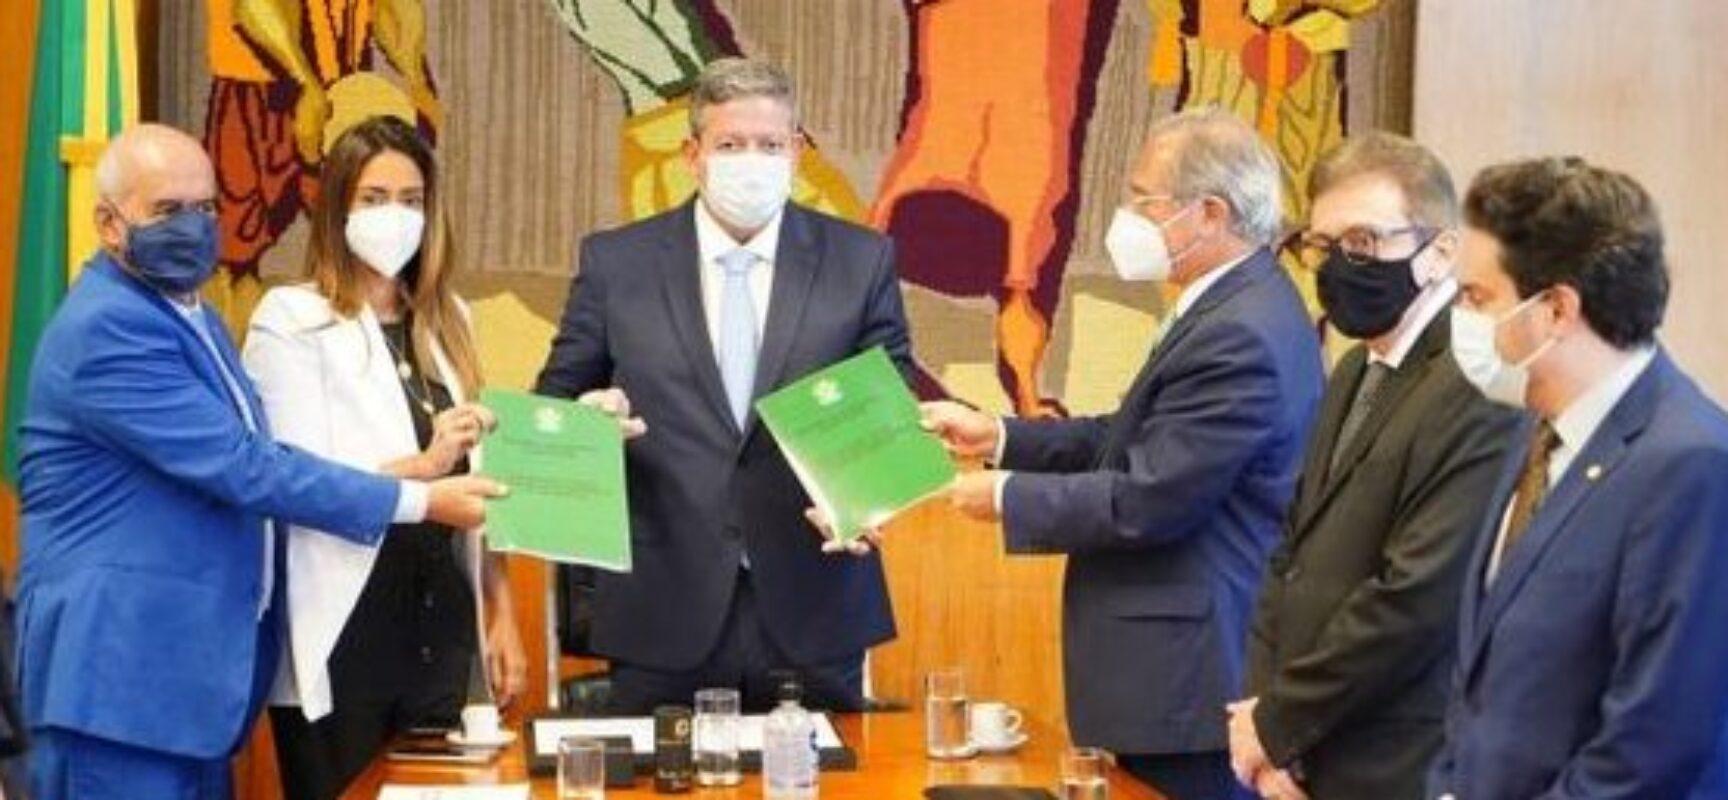 Lira recebe de Paulo Guedes o segundo projeto de lei da reforma tributária